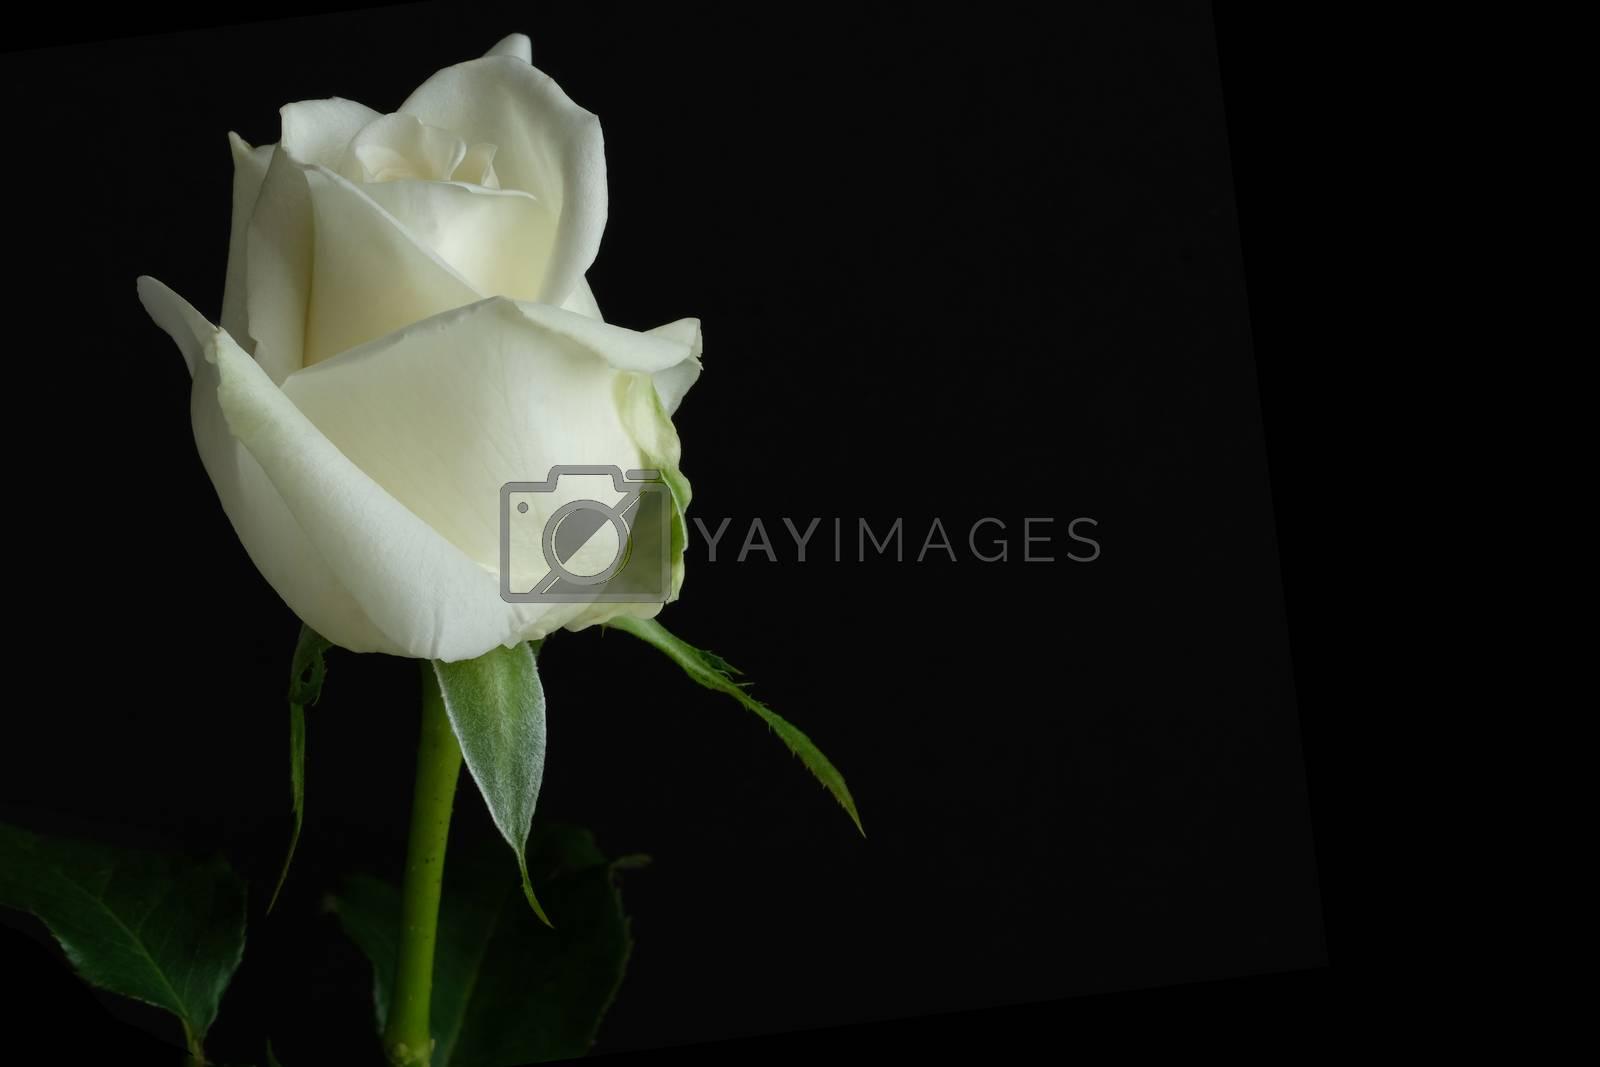 beautiful single white rose by Nawoot